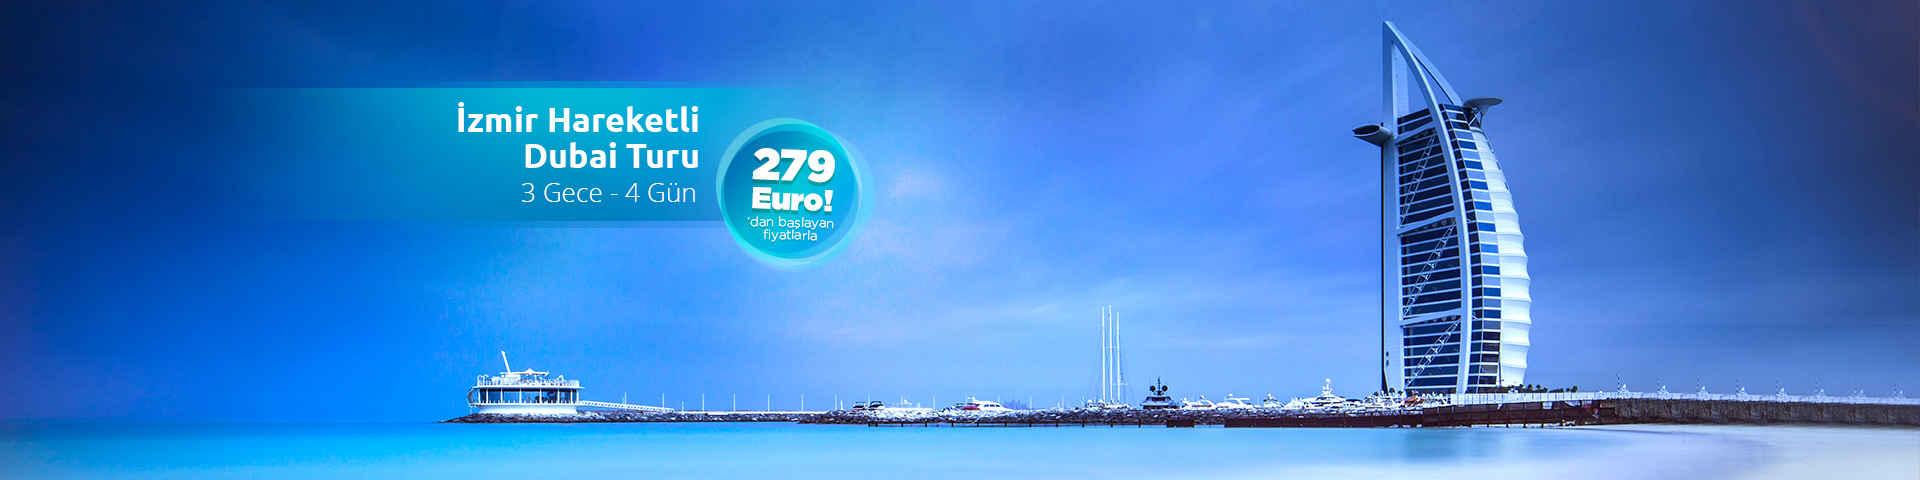 İzmir Hareketli Dubai Turu